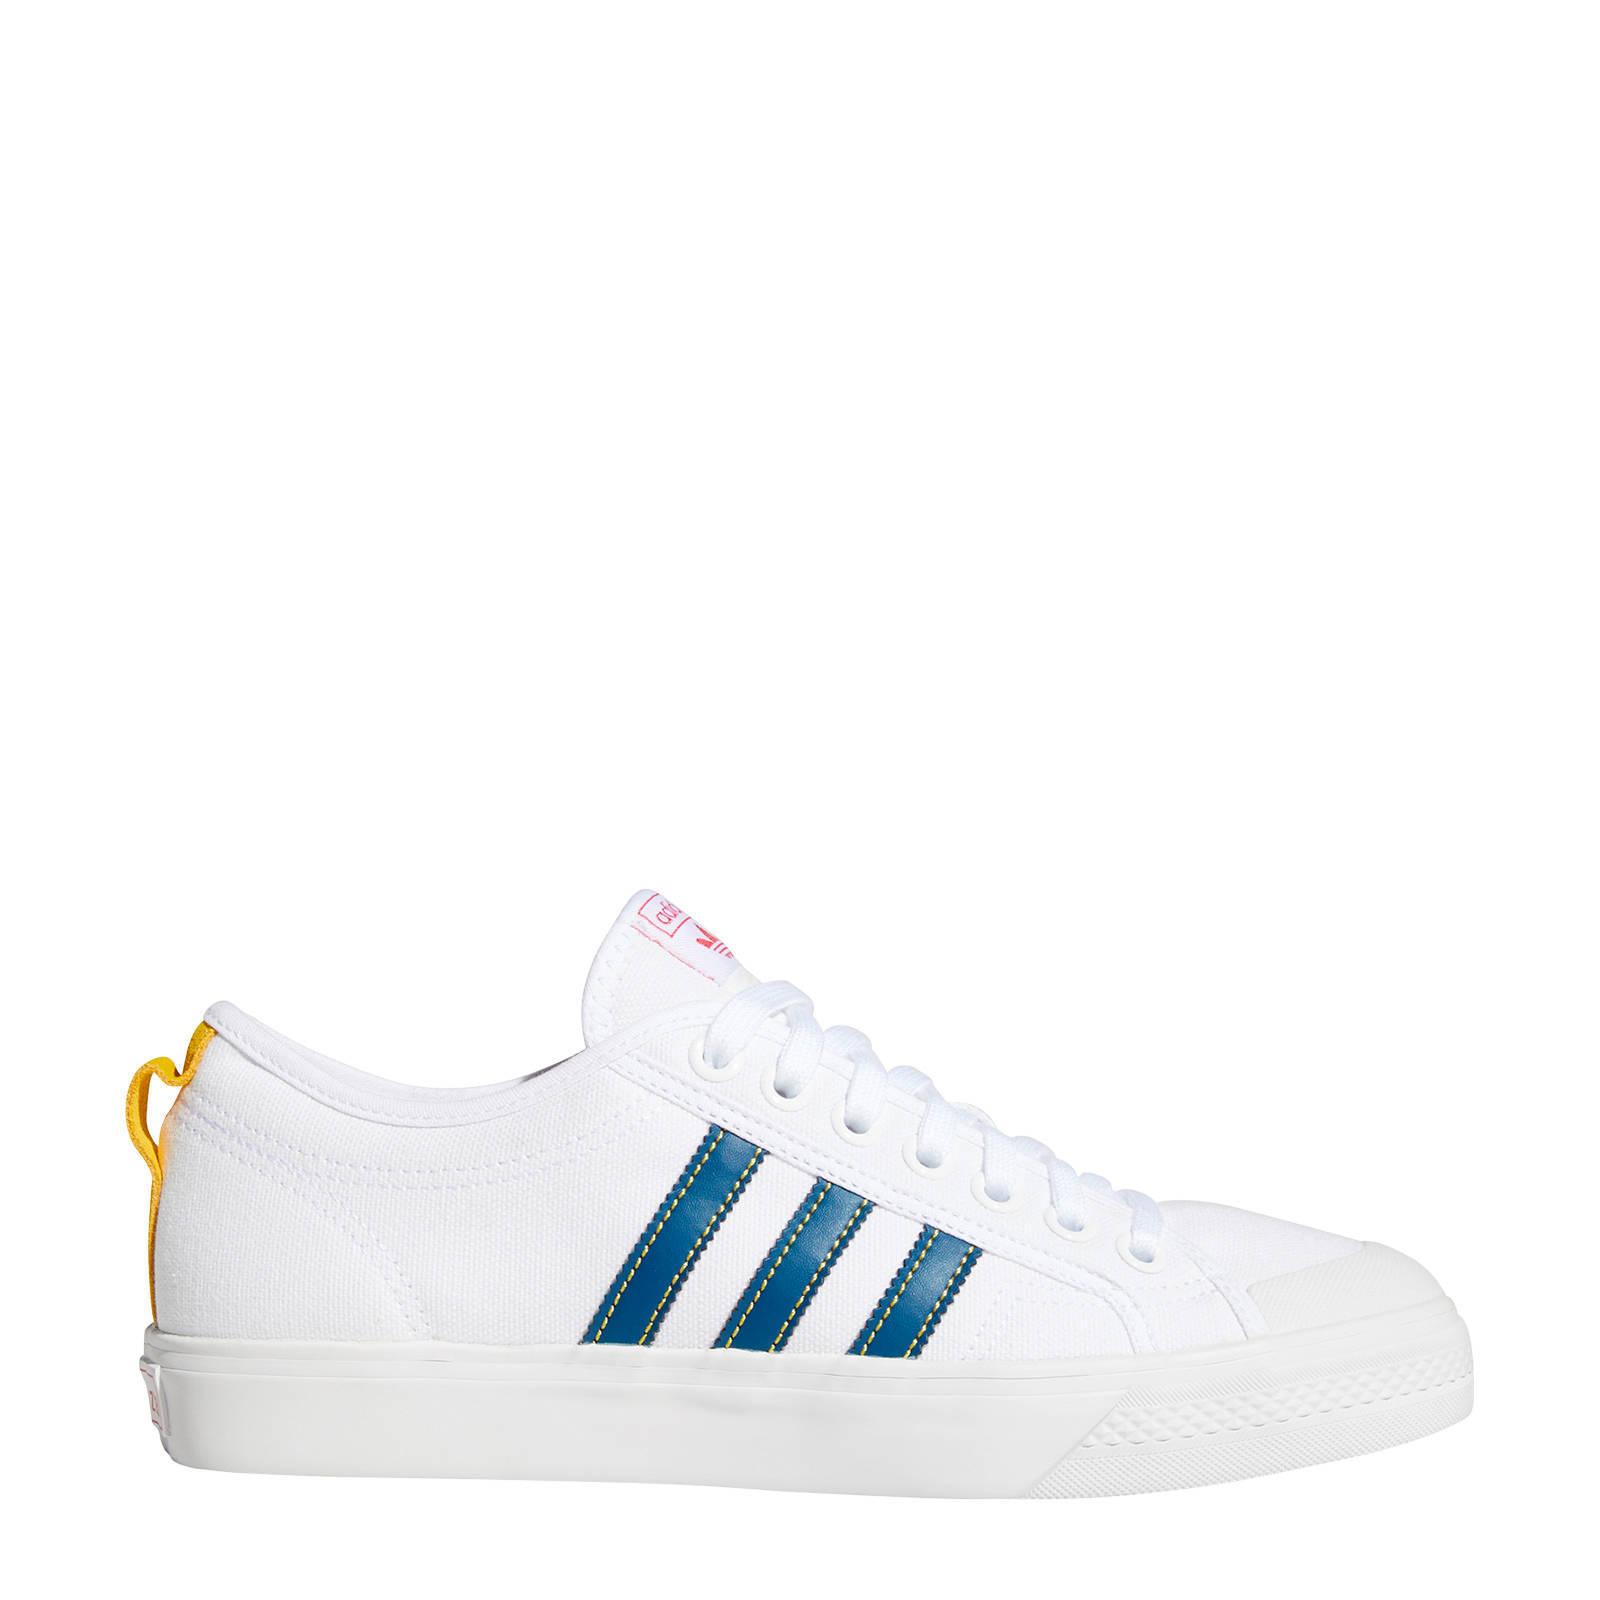 adidas Originals Nizza sneakers wit/blauw | wehkamp